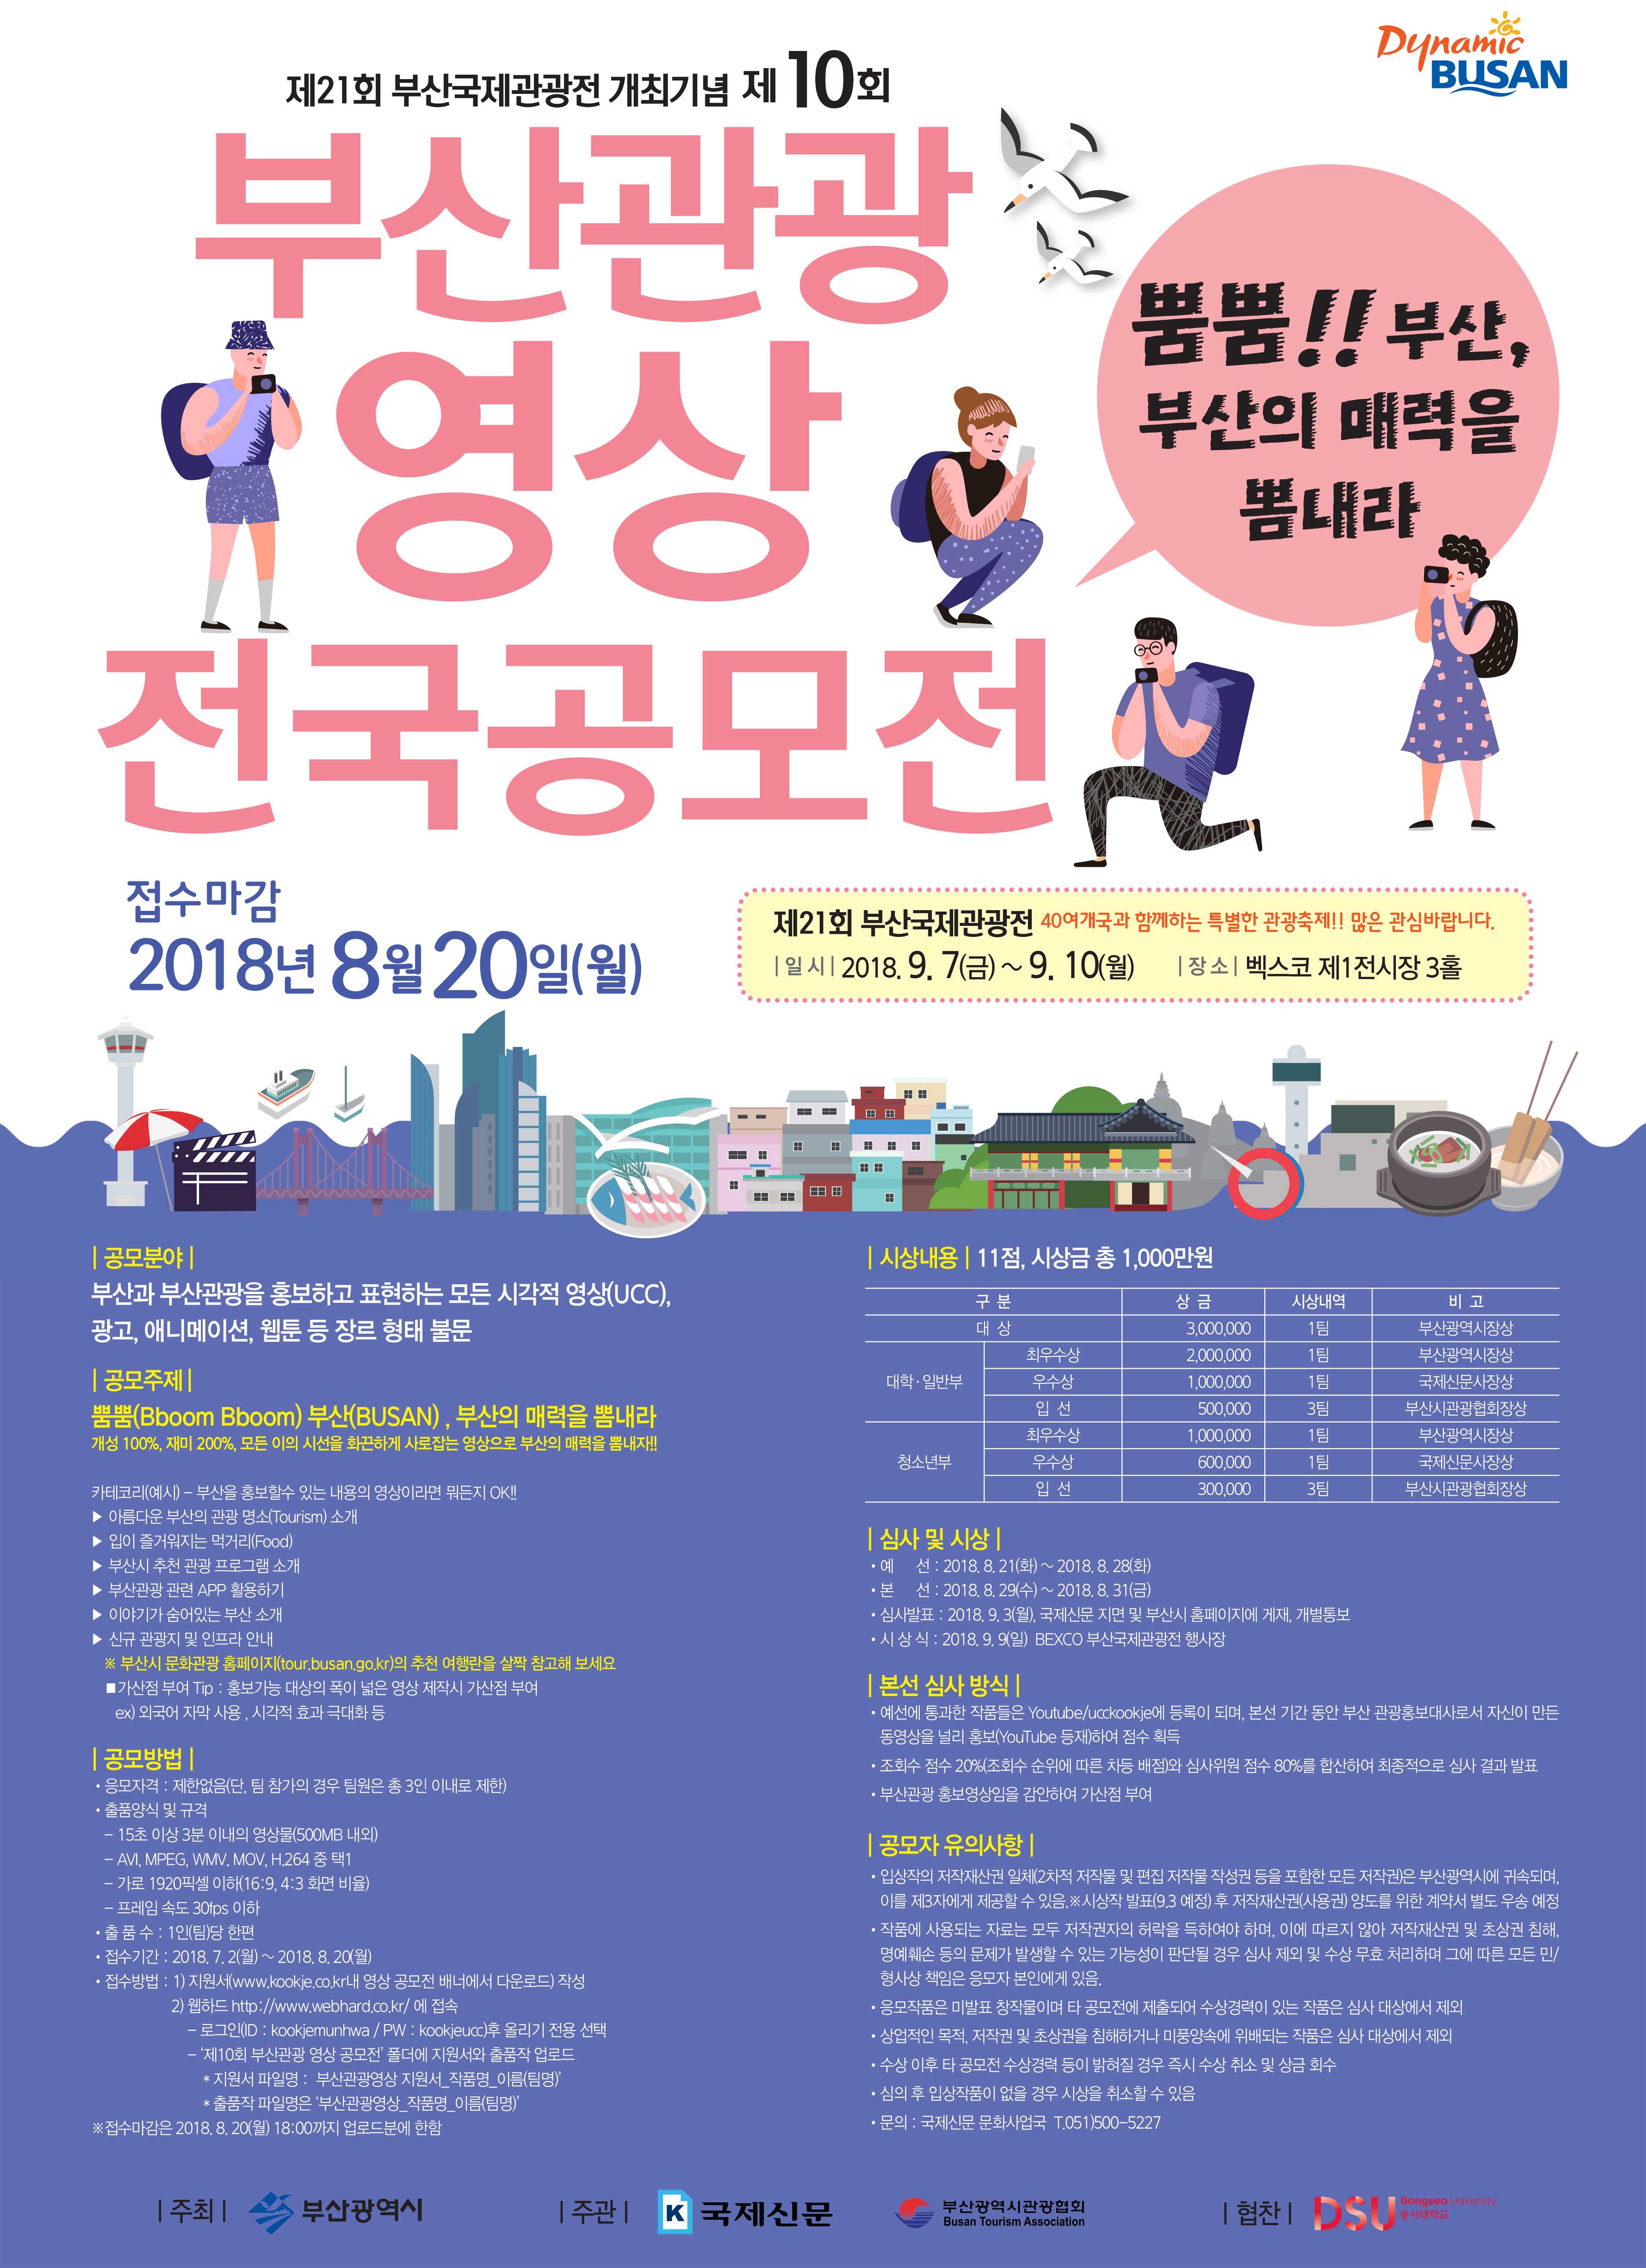 제10회 부산관광 영상 전국공모전